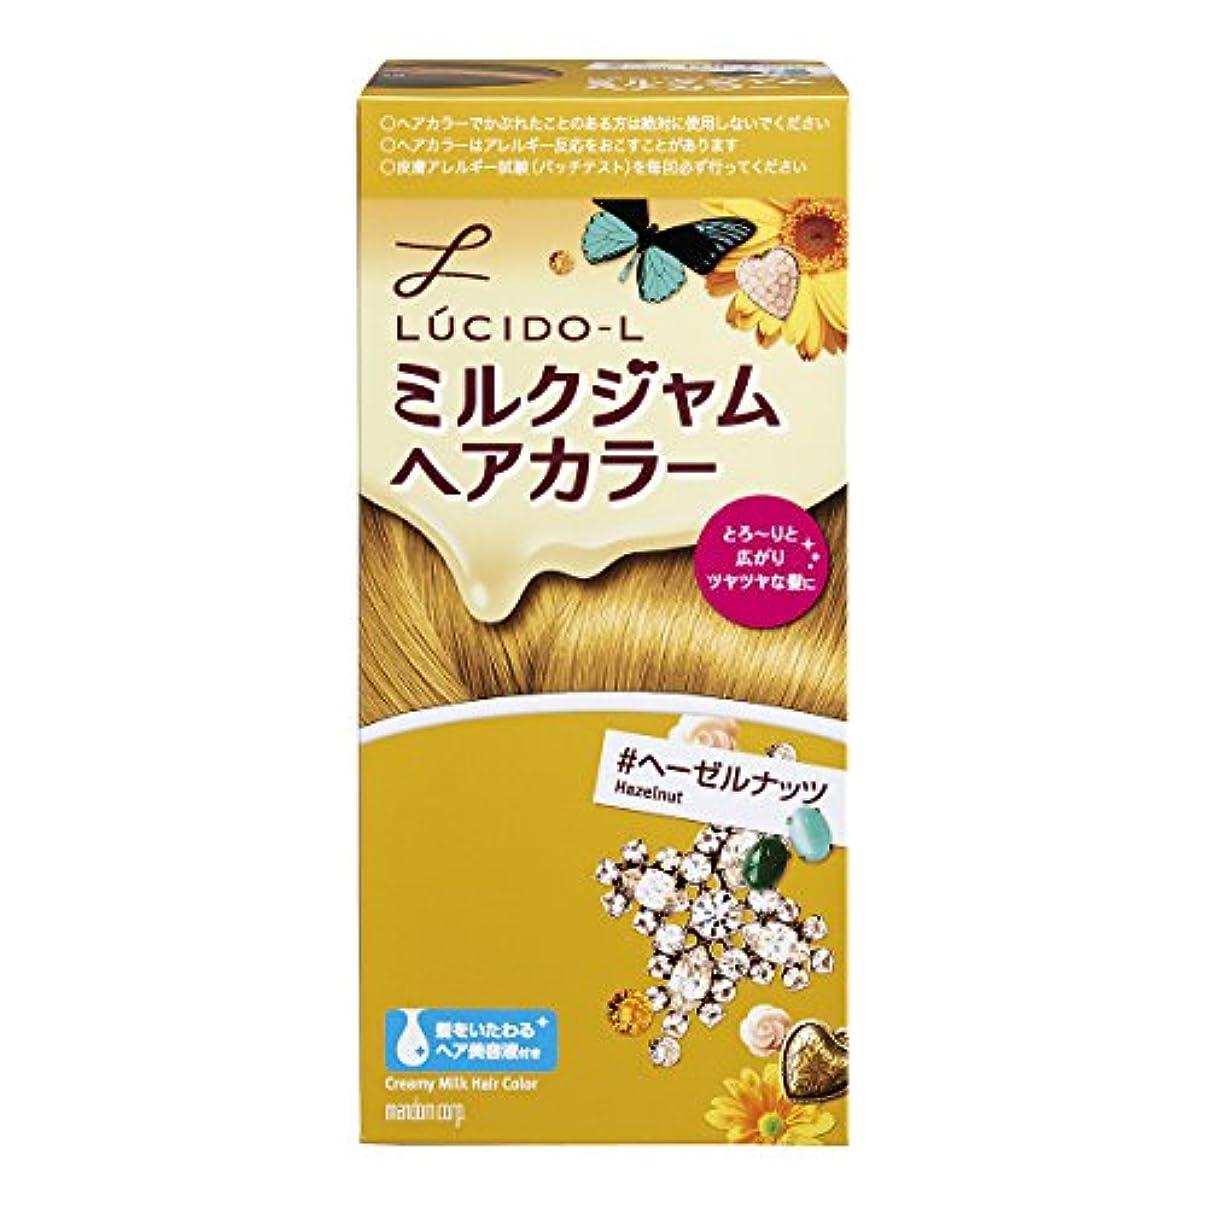 値する配置大胆なLUCIDO-L (ルシードエル) ミルクジャムヘアカラー #ヘーゼルナッツ (医薬部外品) (1剤40g 2剤80mL TR5g)